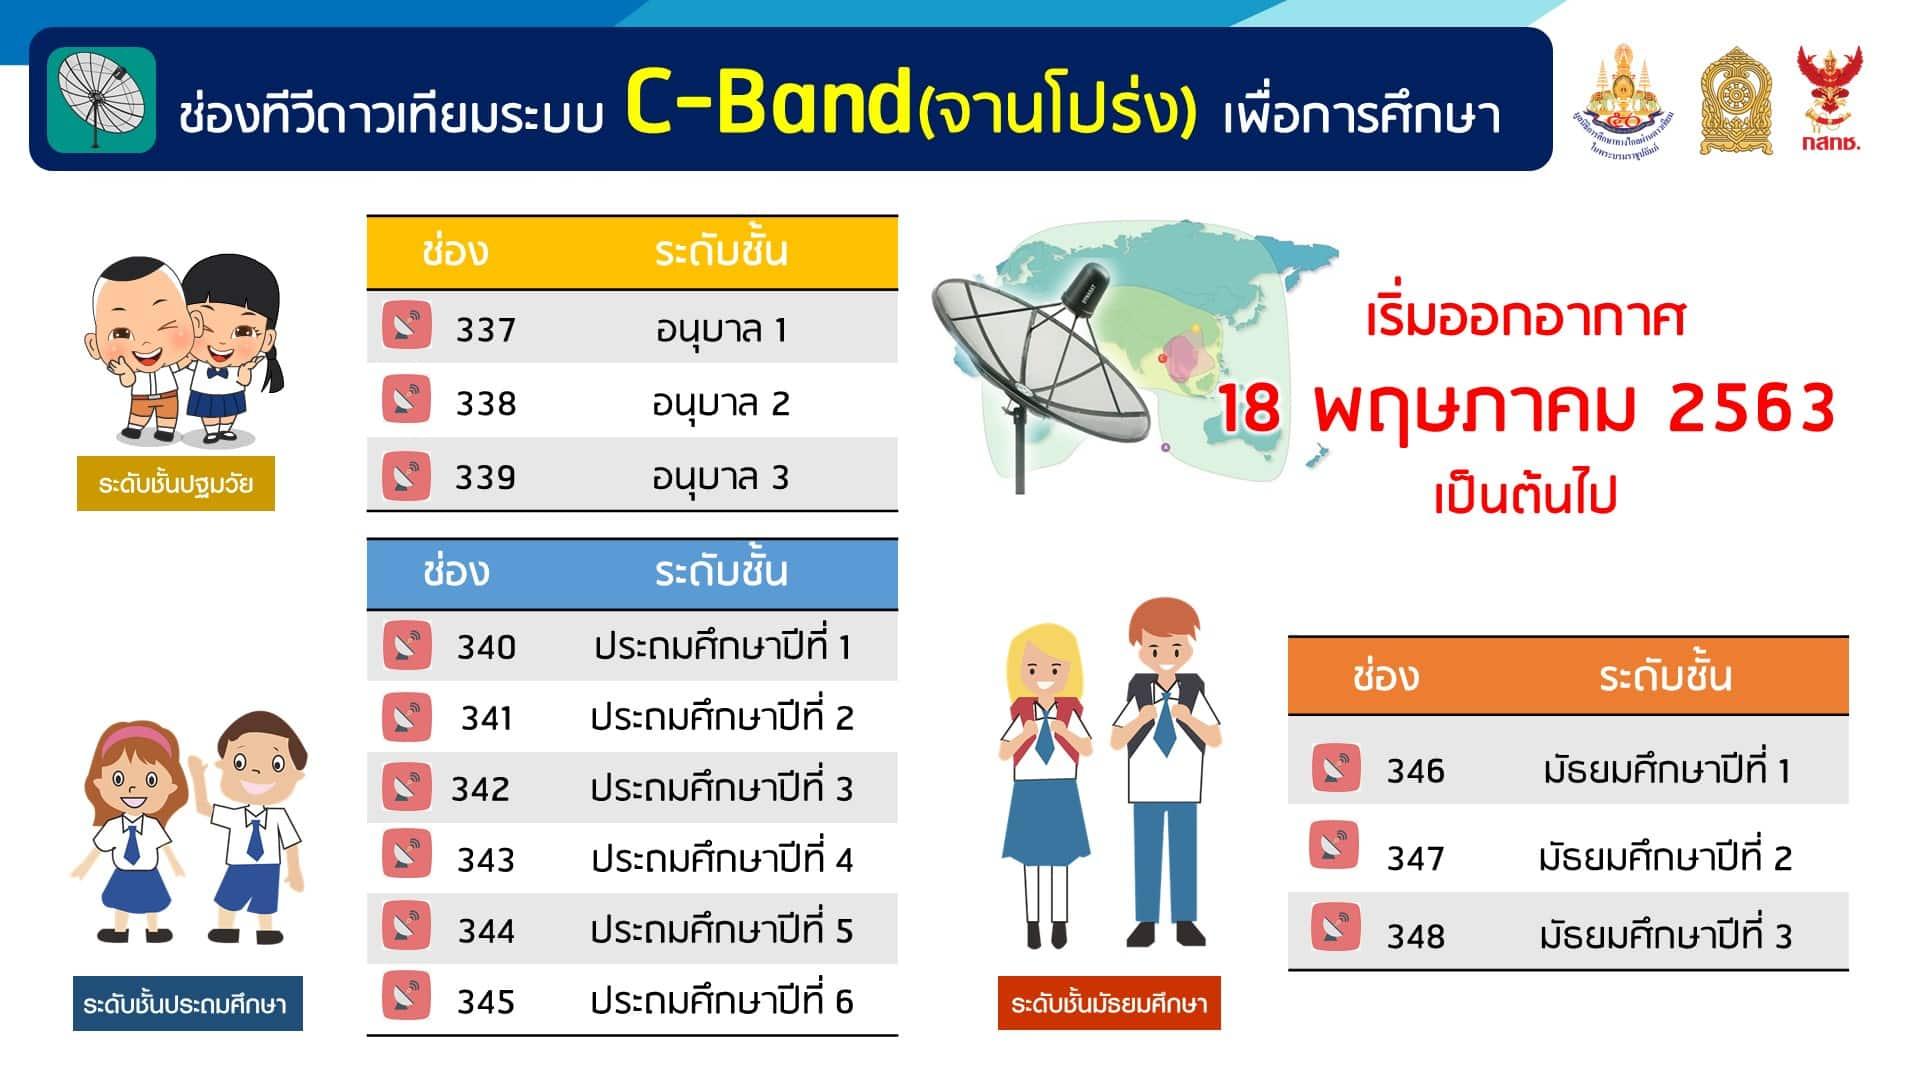 dltv 04 - แนะนำการเรียนออนไลน์ผ่านช่องทาง DLTV